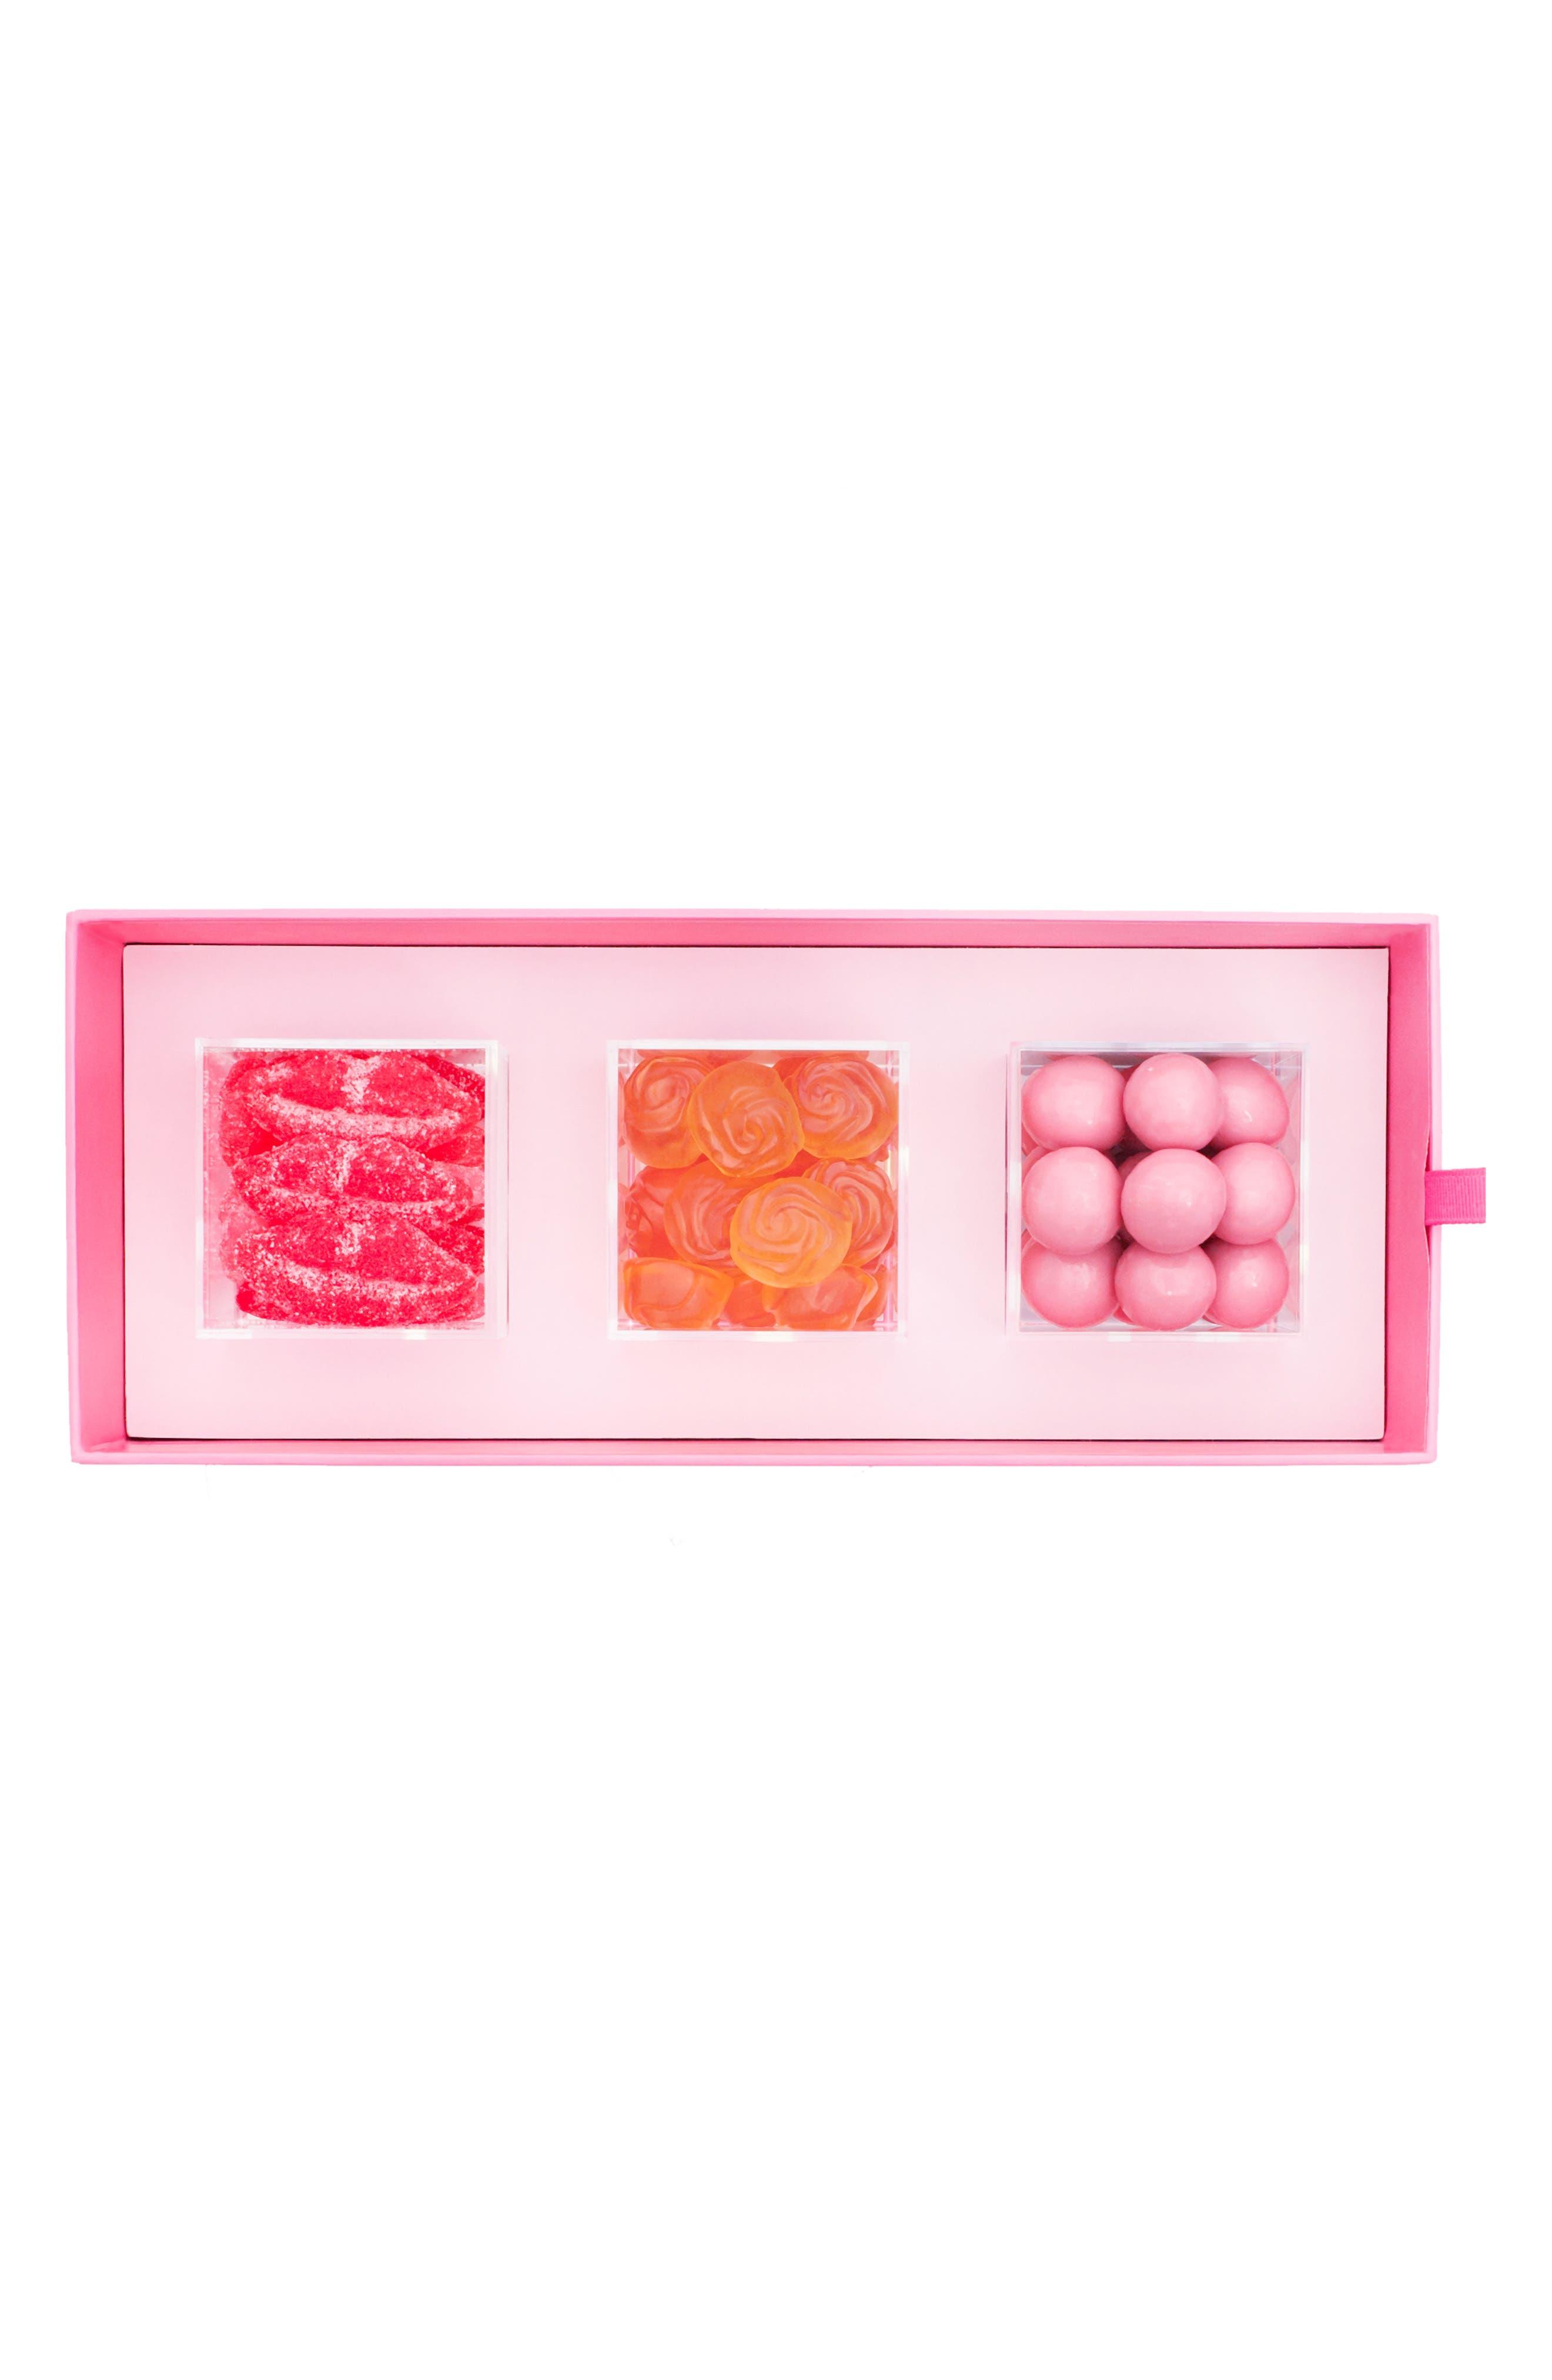 XOXO 3-Piece Candy Bento Box,                             Alternate thumbnail 2, color,                             PINK